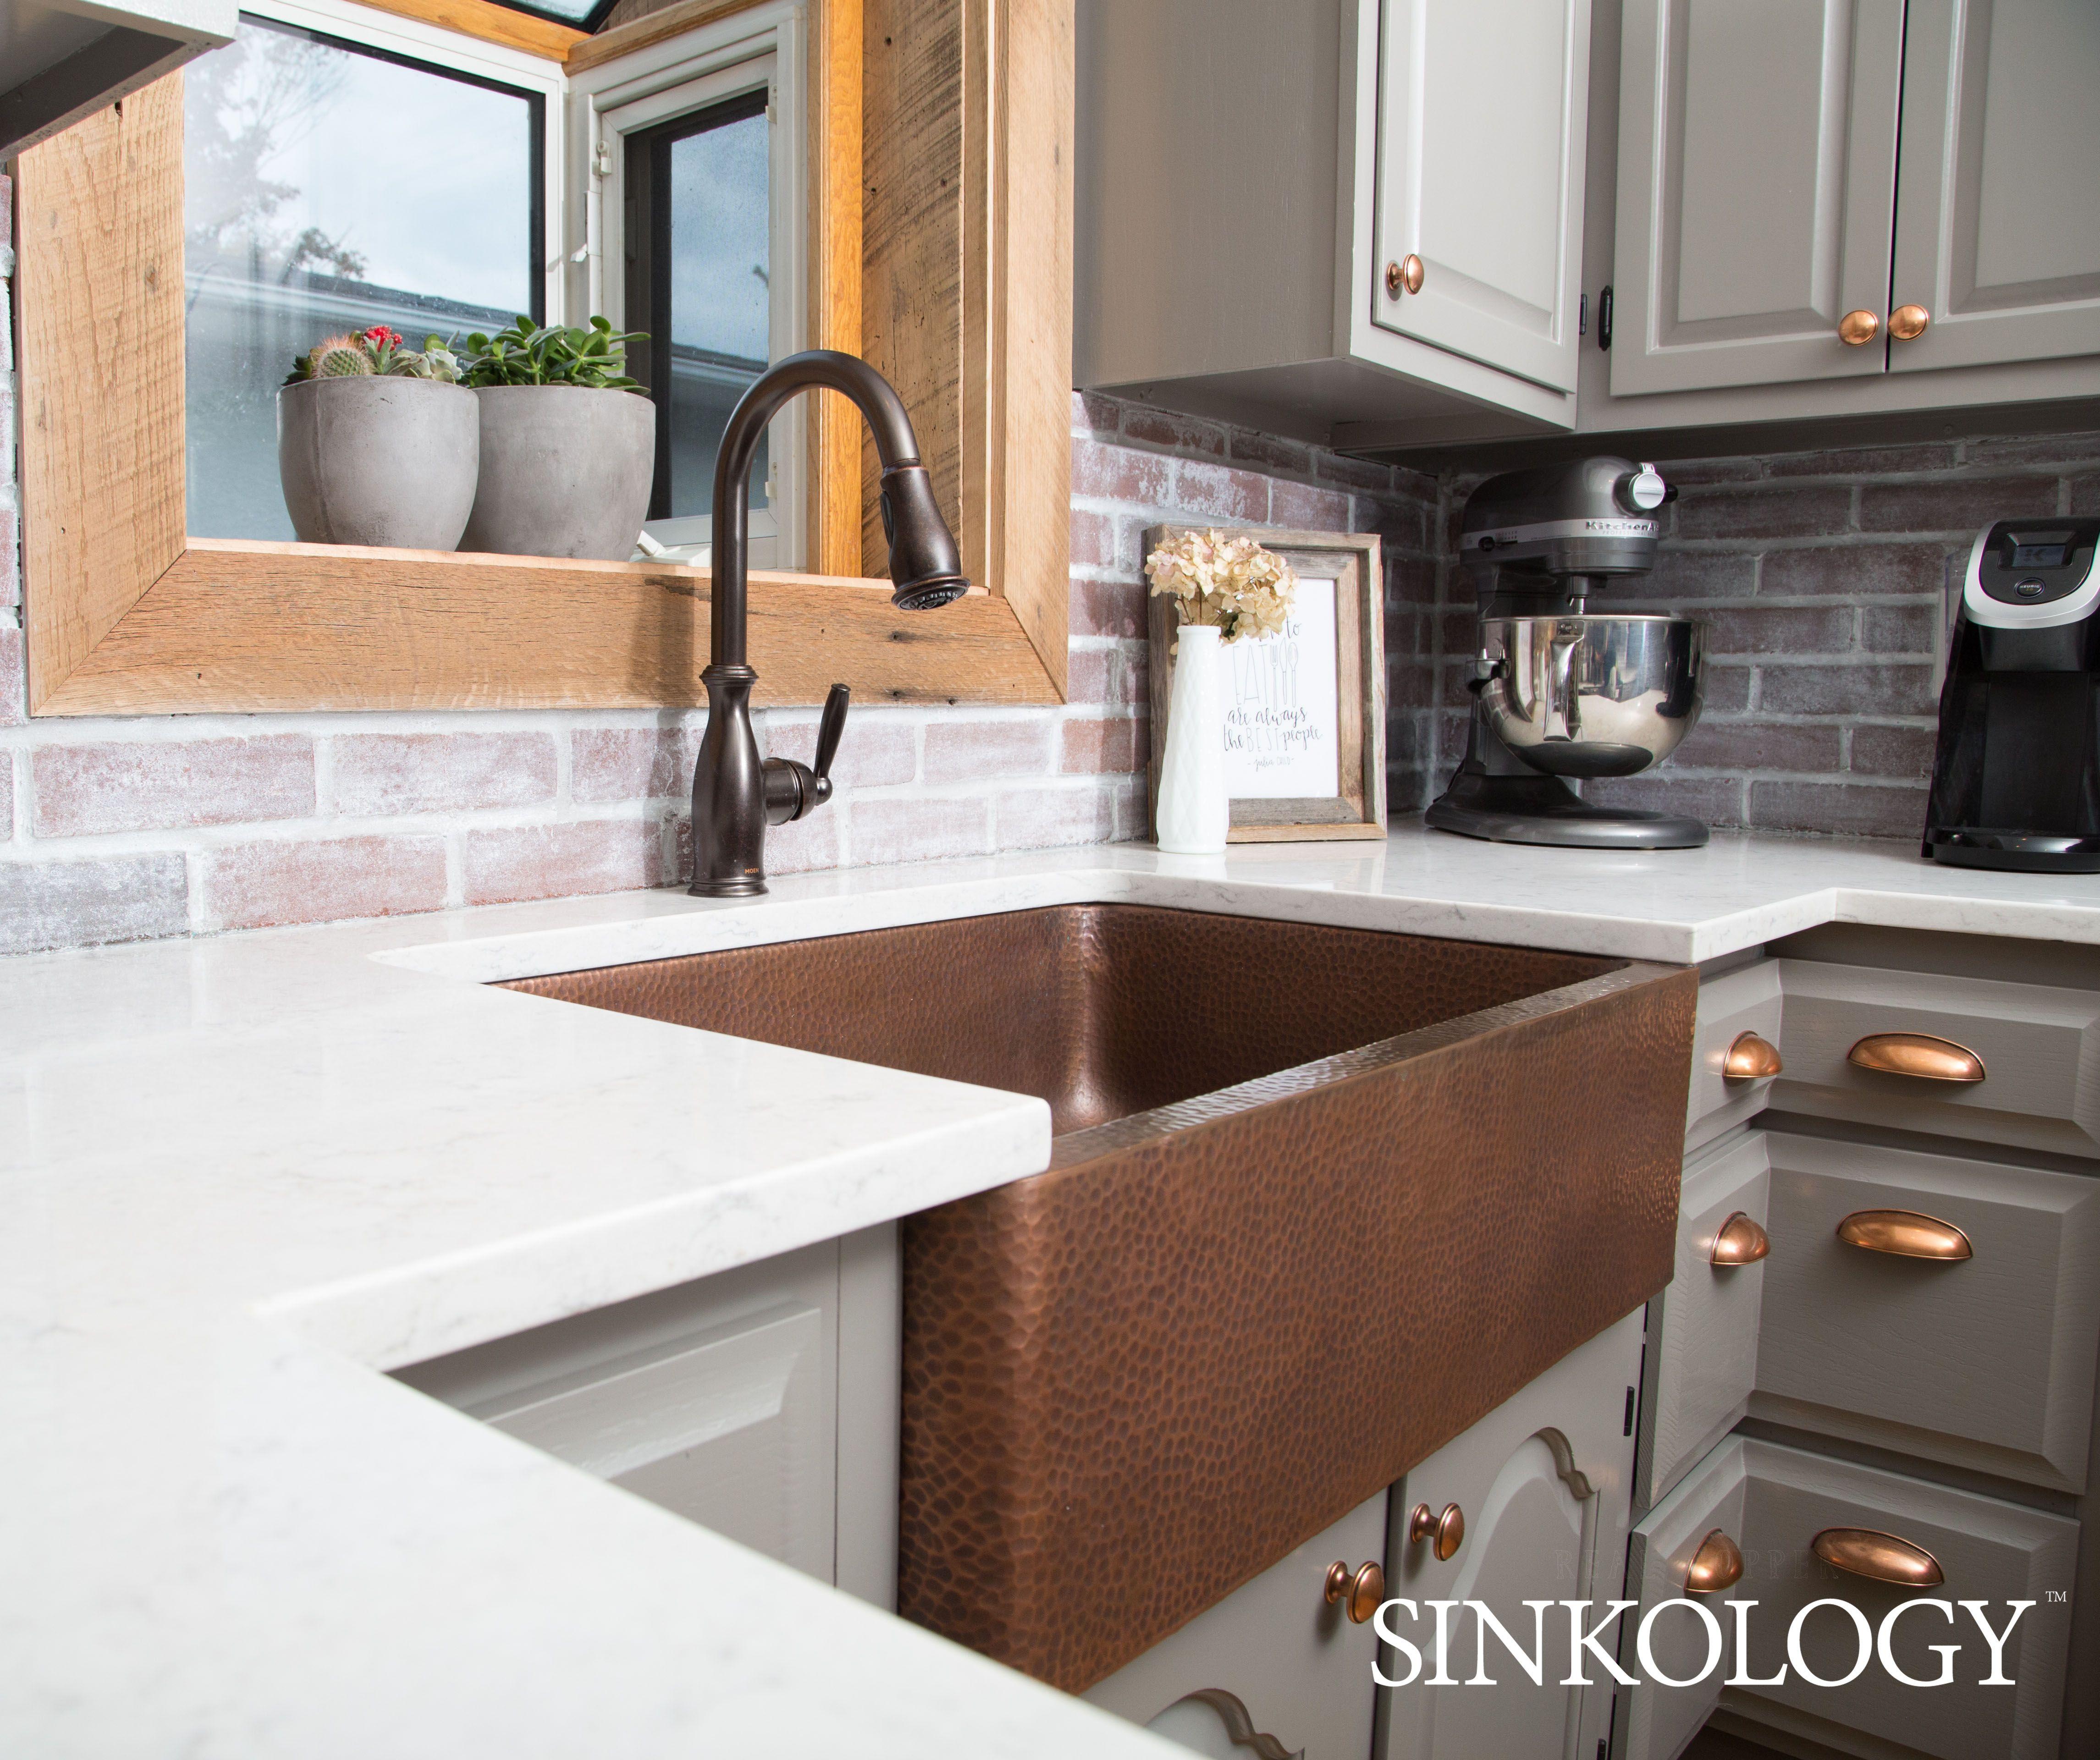 Sinkology + Pfister Design Kits make installing your new